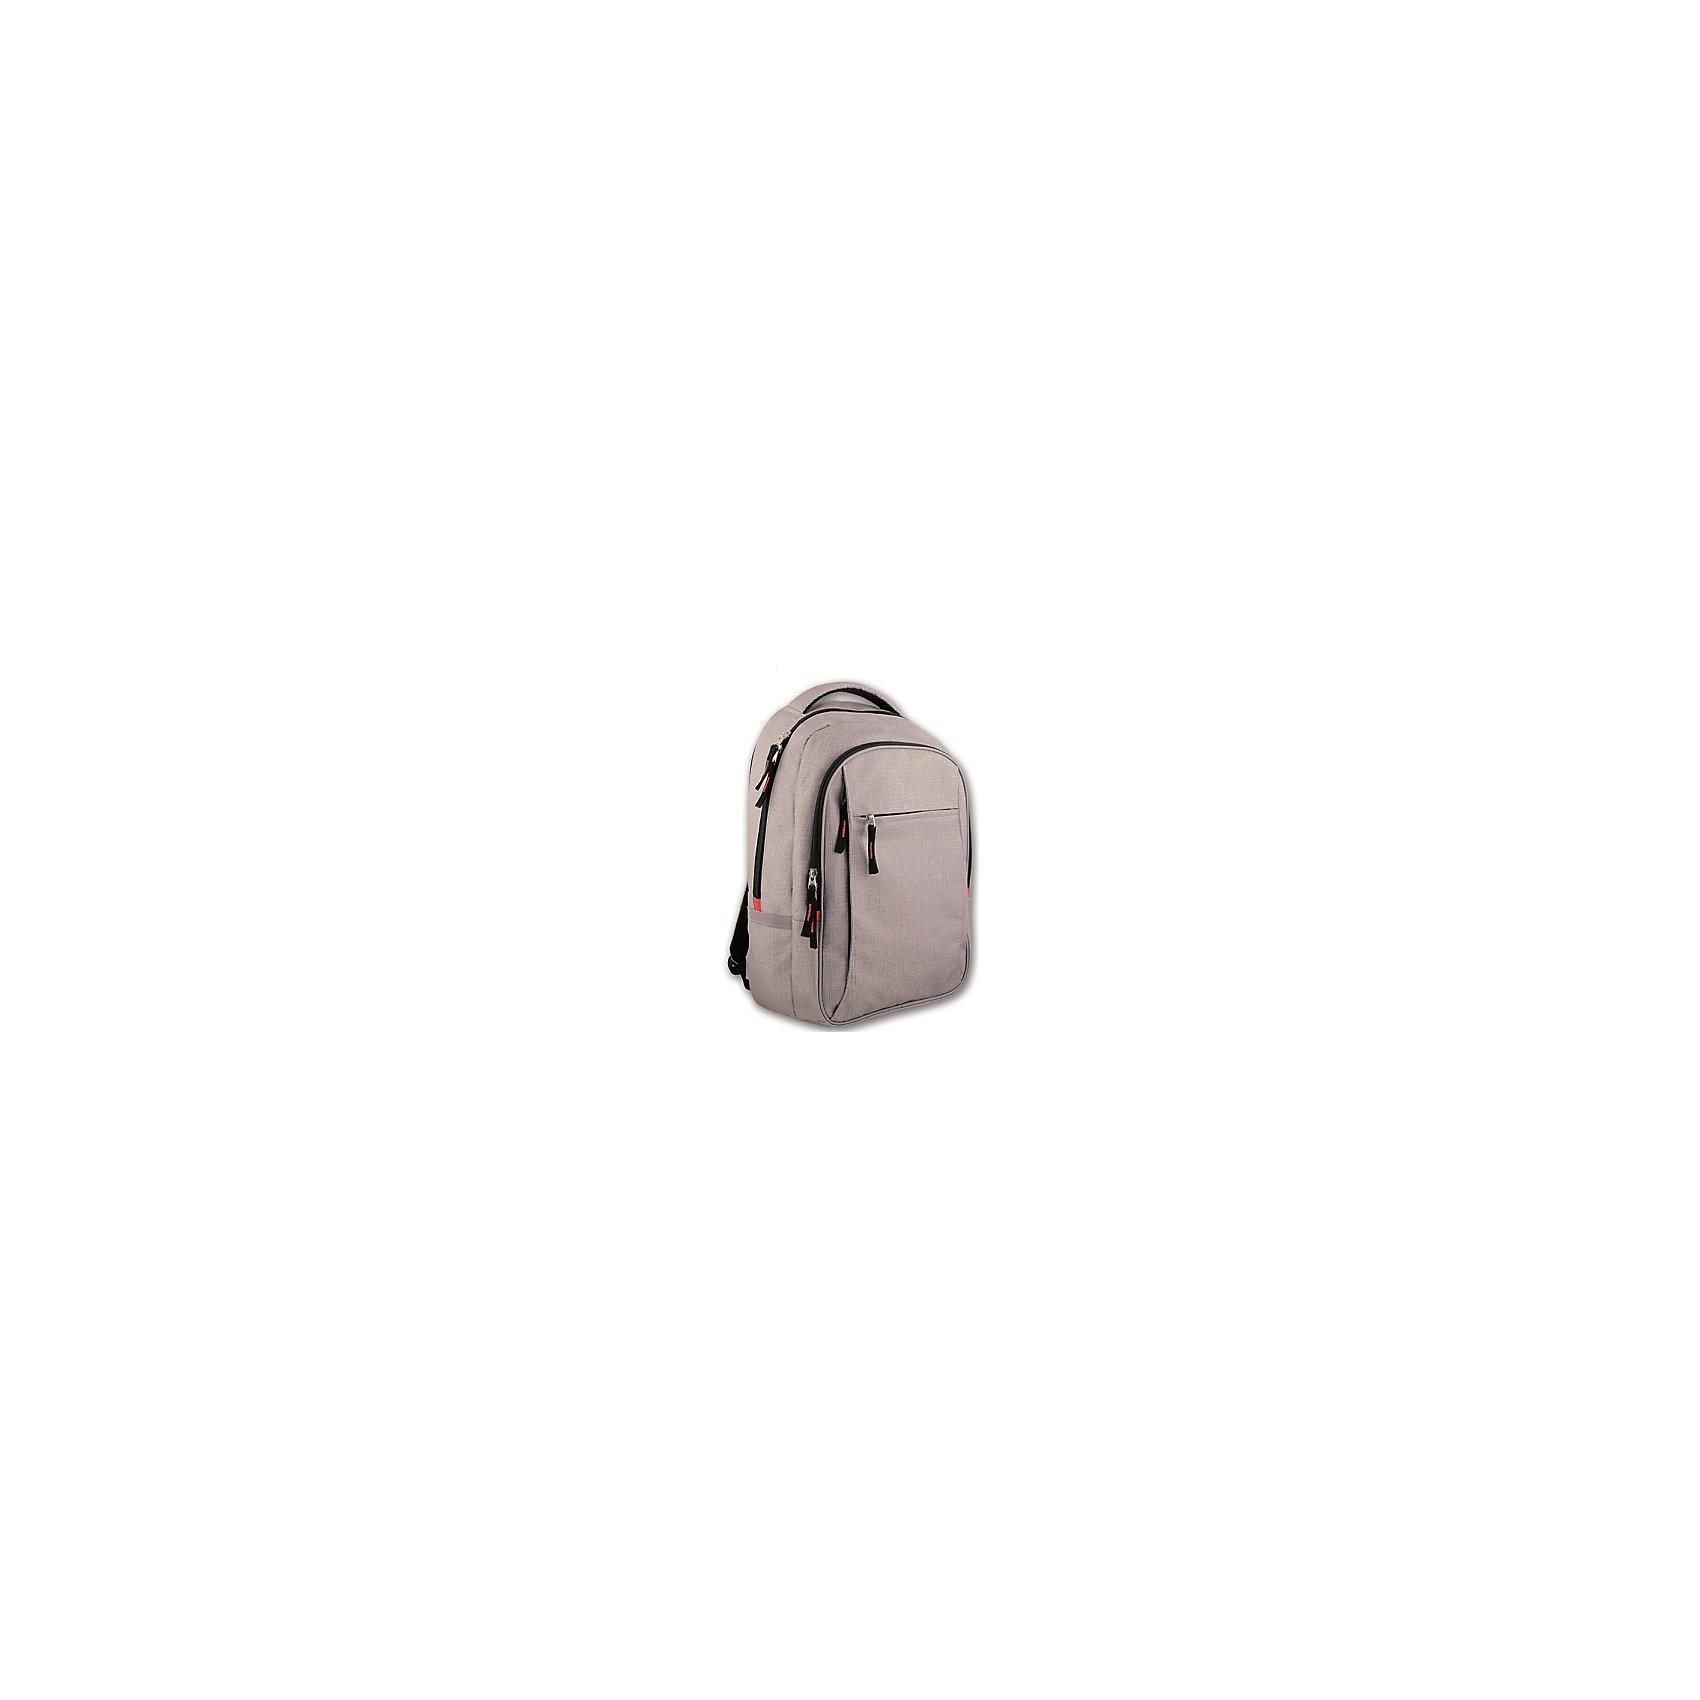 Рюкзак молодежный Серый джинсВместительный, удобный рюкзак для Вашего ребенка. У рюкзака одно большое отделение на молнии и три дополнительных накладных карманов спереди, лямки регулируются.<br><br>Дополнительная информация:<br><br>- Возраст: от 6 лет.<br>- Молнии ранца украшены брелками.<br>- Цвет: серый.<br>- Светоотражающие элементы.<br>- Материал: 100% полиэстер.<br>- Размер упаковки: 45х31х17 см.<br>- Вес в упаковке: 665 г.<br><br>Купить молодежный рюкзак Серый джинс можно в нашем магазине.<br><br>Ширина мм: 450<br>Глубина мм: 310<br>Высота мм: 170<br>Вес г: 665<br>Возраст от месяцев: 72<br>Возраст до месяцев: 2147483647<br>Пол: Унисекс<br>Возраст: Детский<br>SKU: 4943529